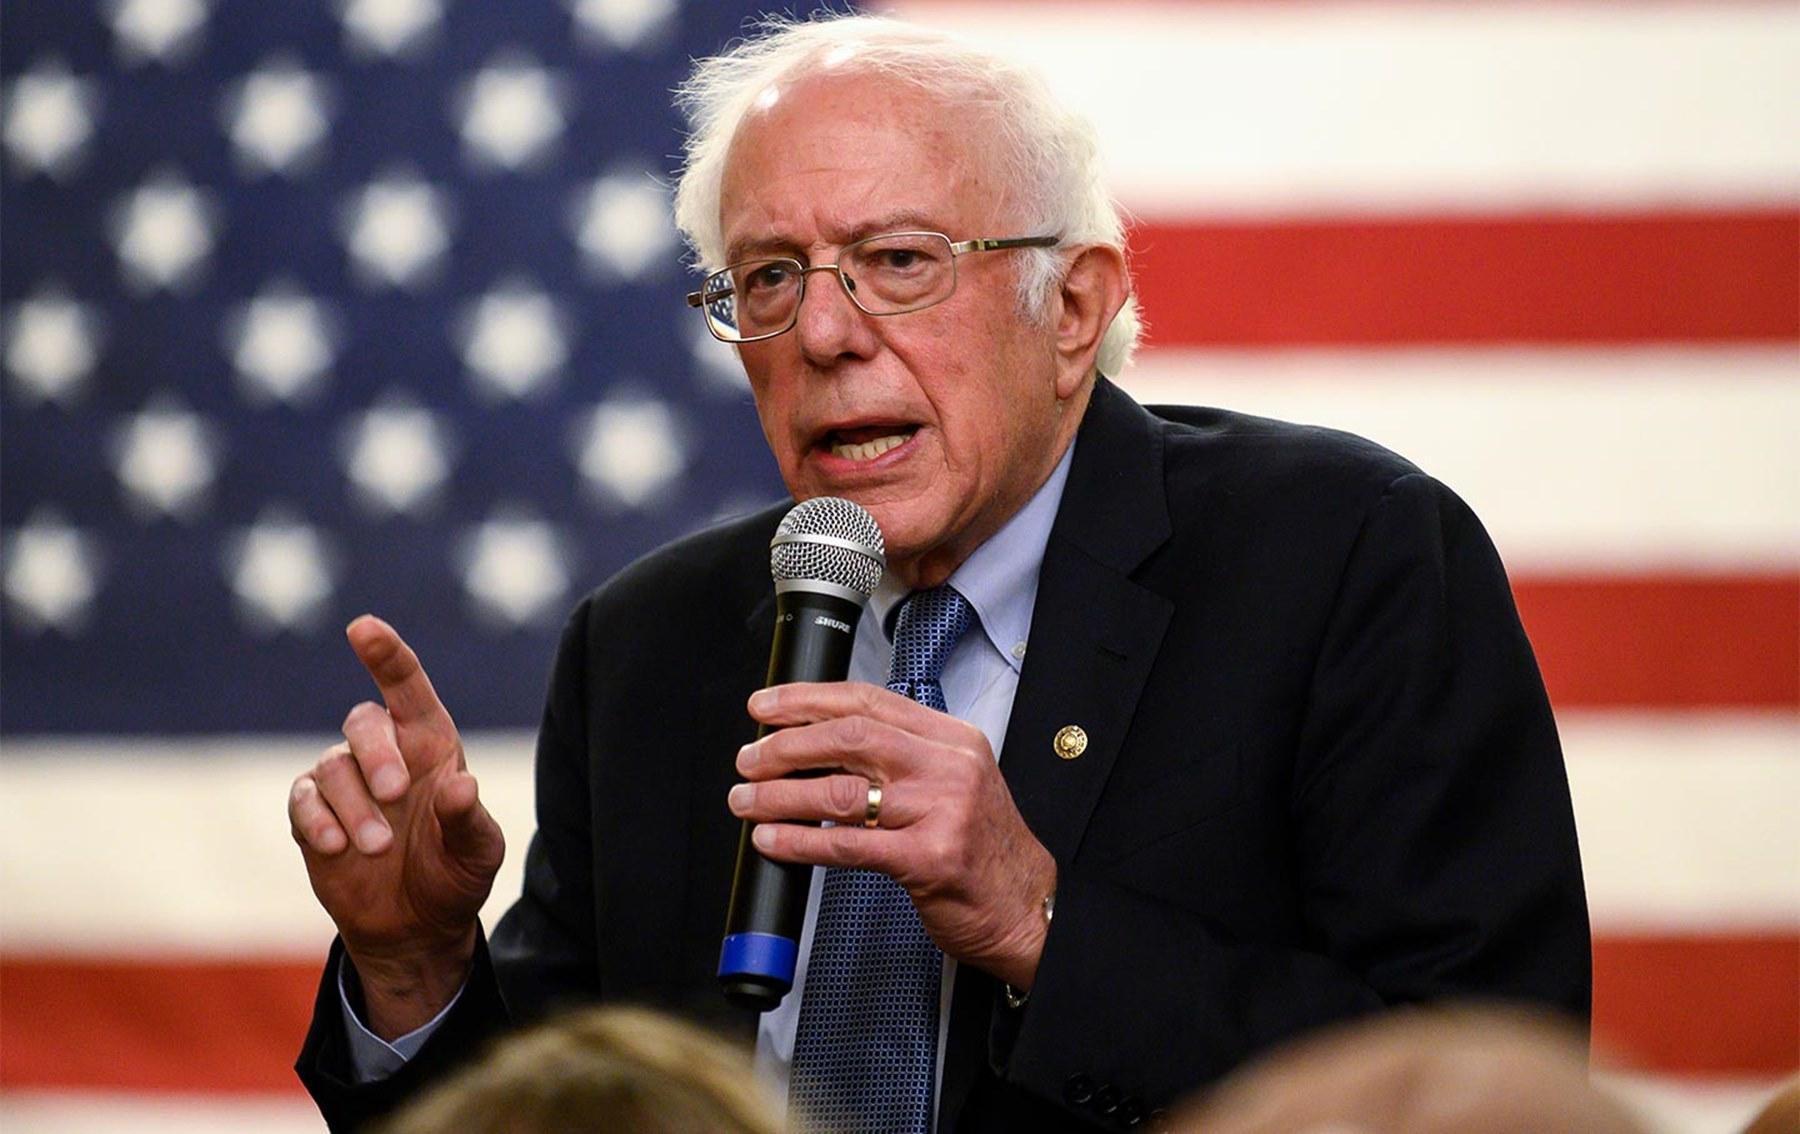 Bernie Sanders Joe Biden Michigan